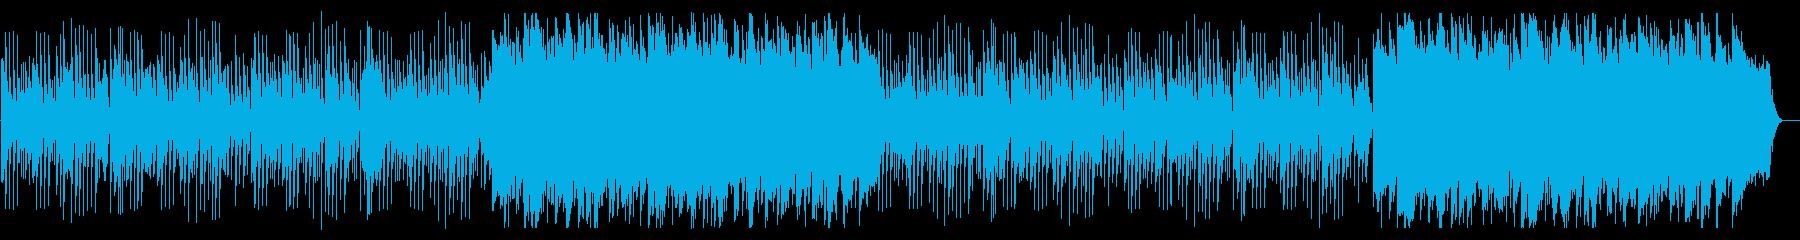 不思議で可愛いリズムの自然を感じる曲の再生済みの波形